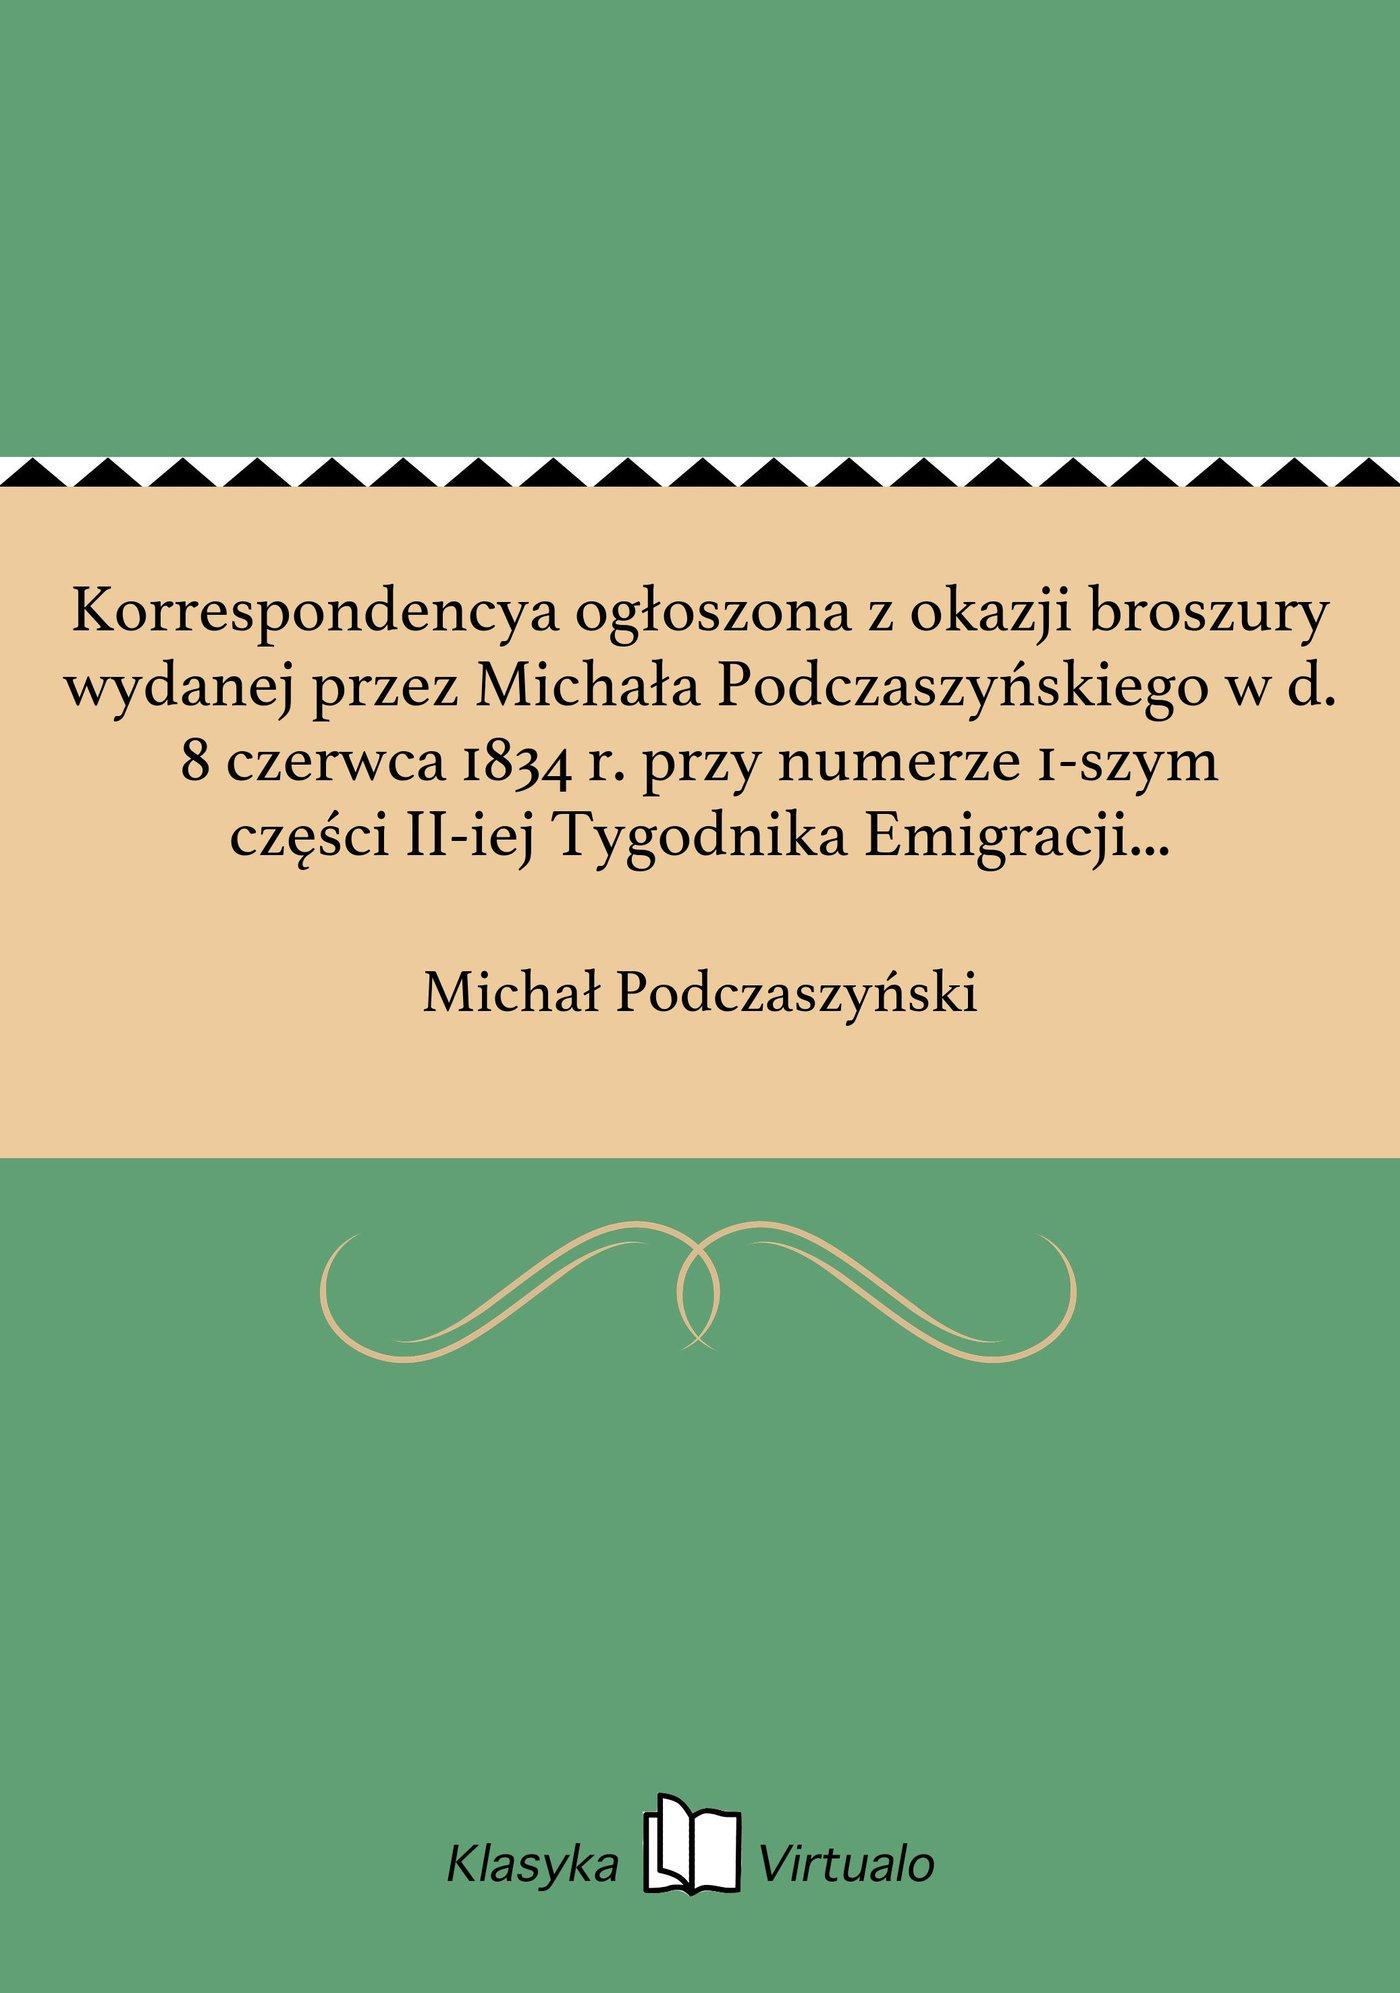 Korrespondencya ogłoszona z okazji broszury wydanej przez Michała Podczaszyńskiego w d. 8 czerwca 1834 r. przy numerze 1-szym części II-iej Tygodnika Emigracji Polskiej. - Ebook (Książka EPUB) do pobrania w formacie EPUB